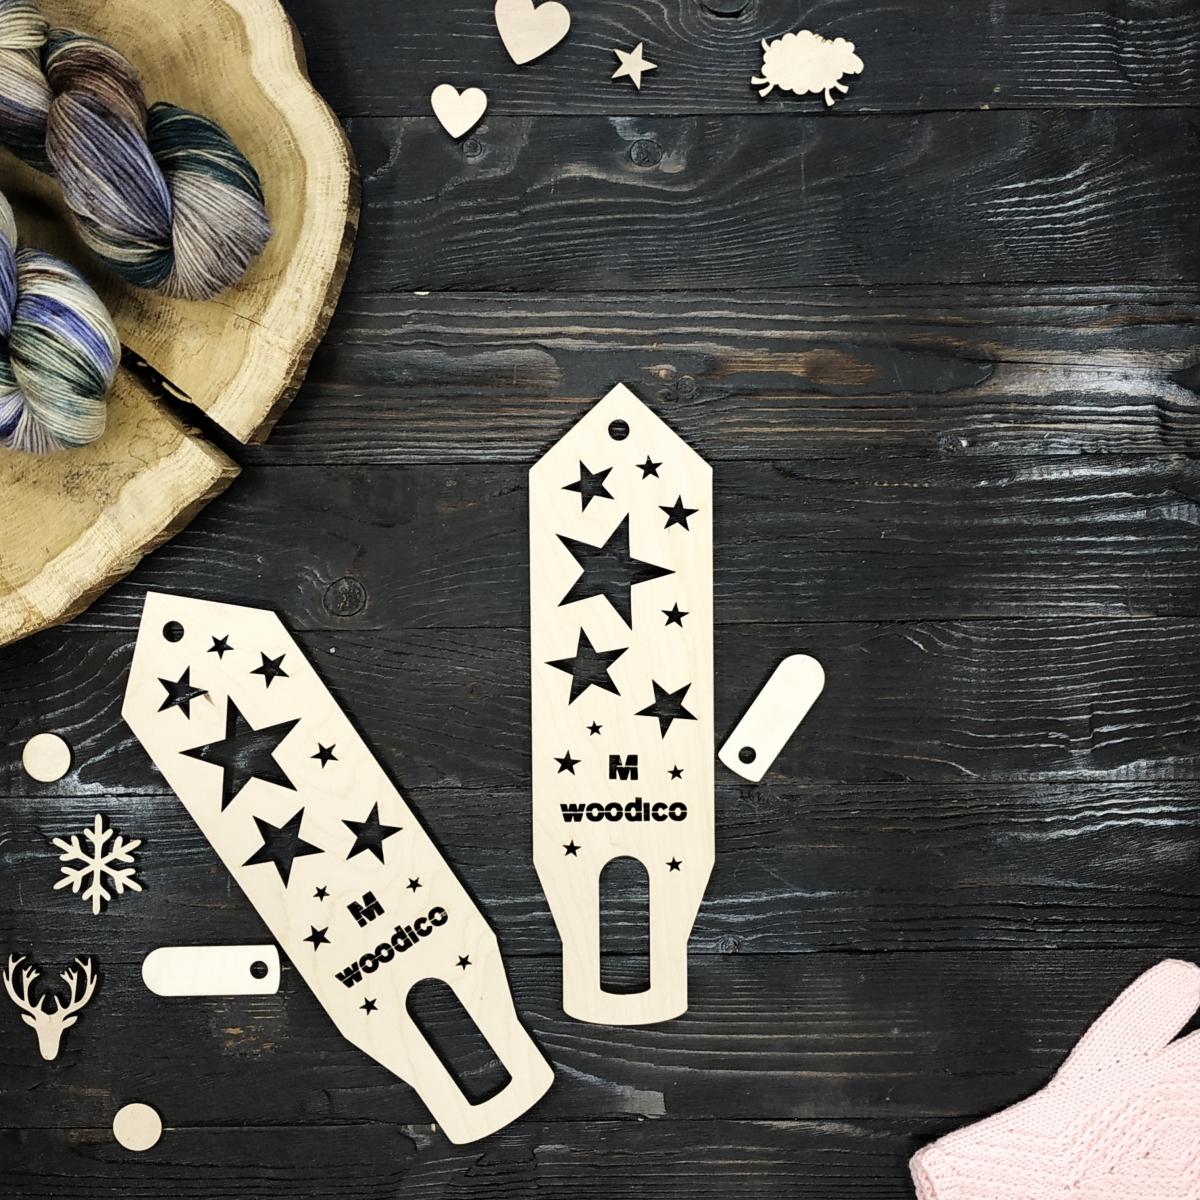 woodico.pro wooden mitten blockers nordic stars 1 1200x1200 - Wooden mitten blockers / Nordic Stars